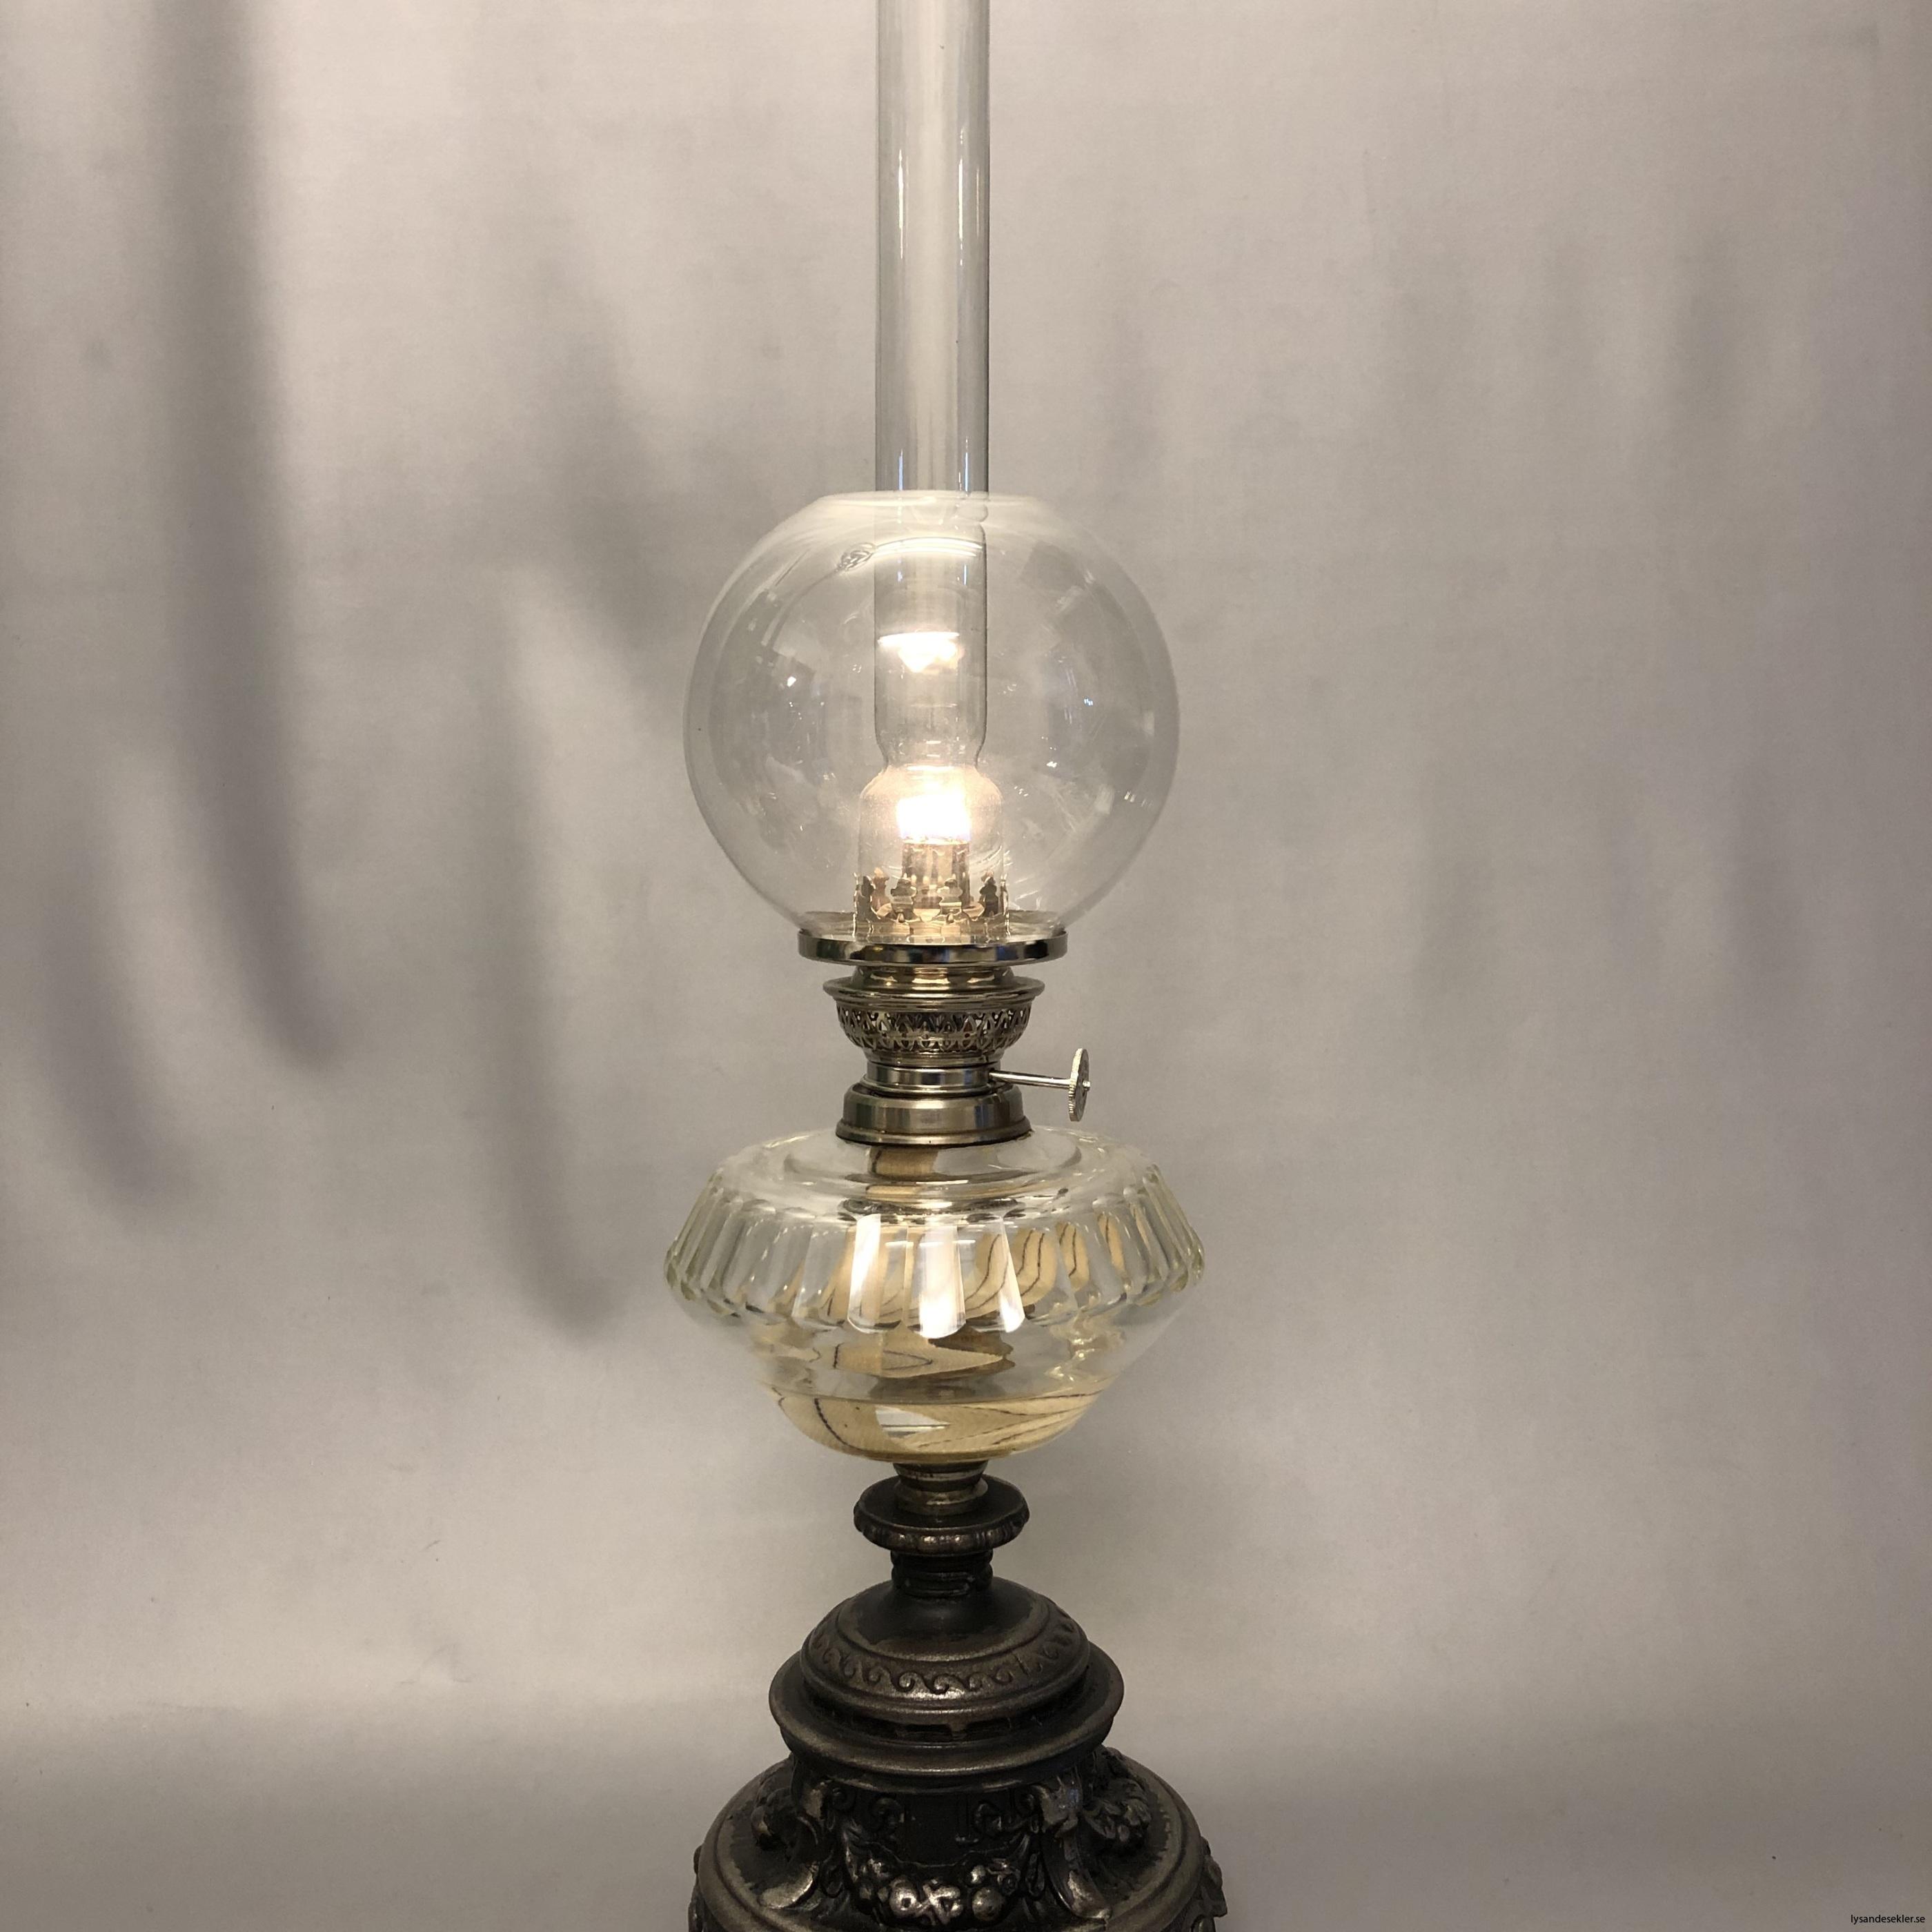 fotogenlampa nicklad